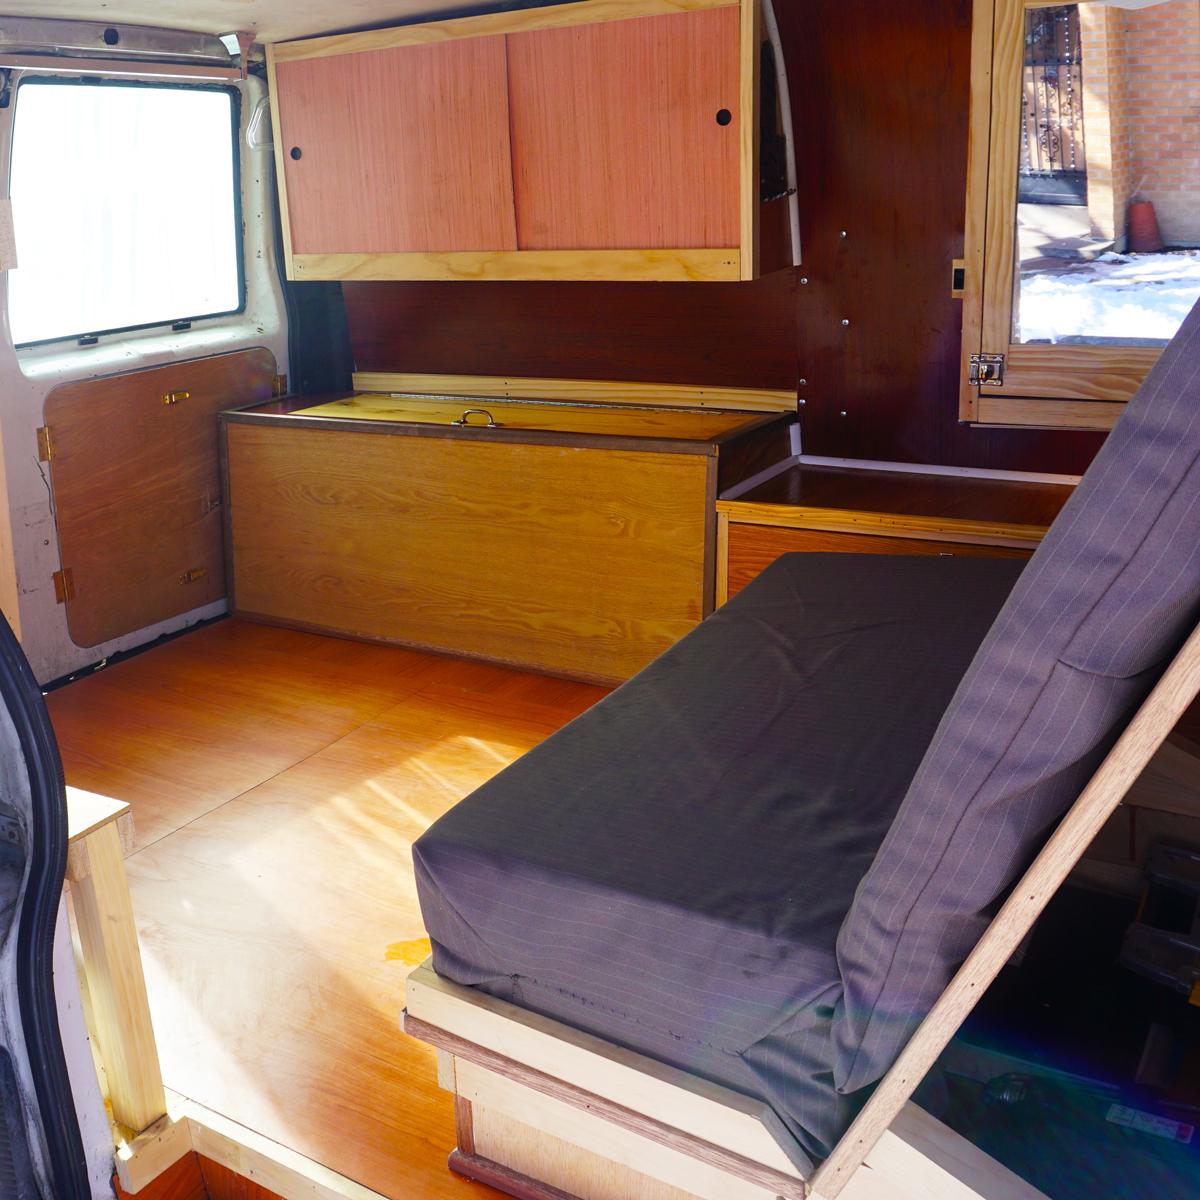 astro van conversion camper van conversion golden, colorado